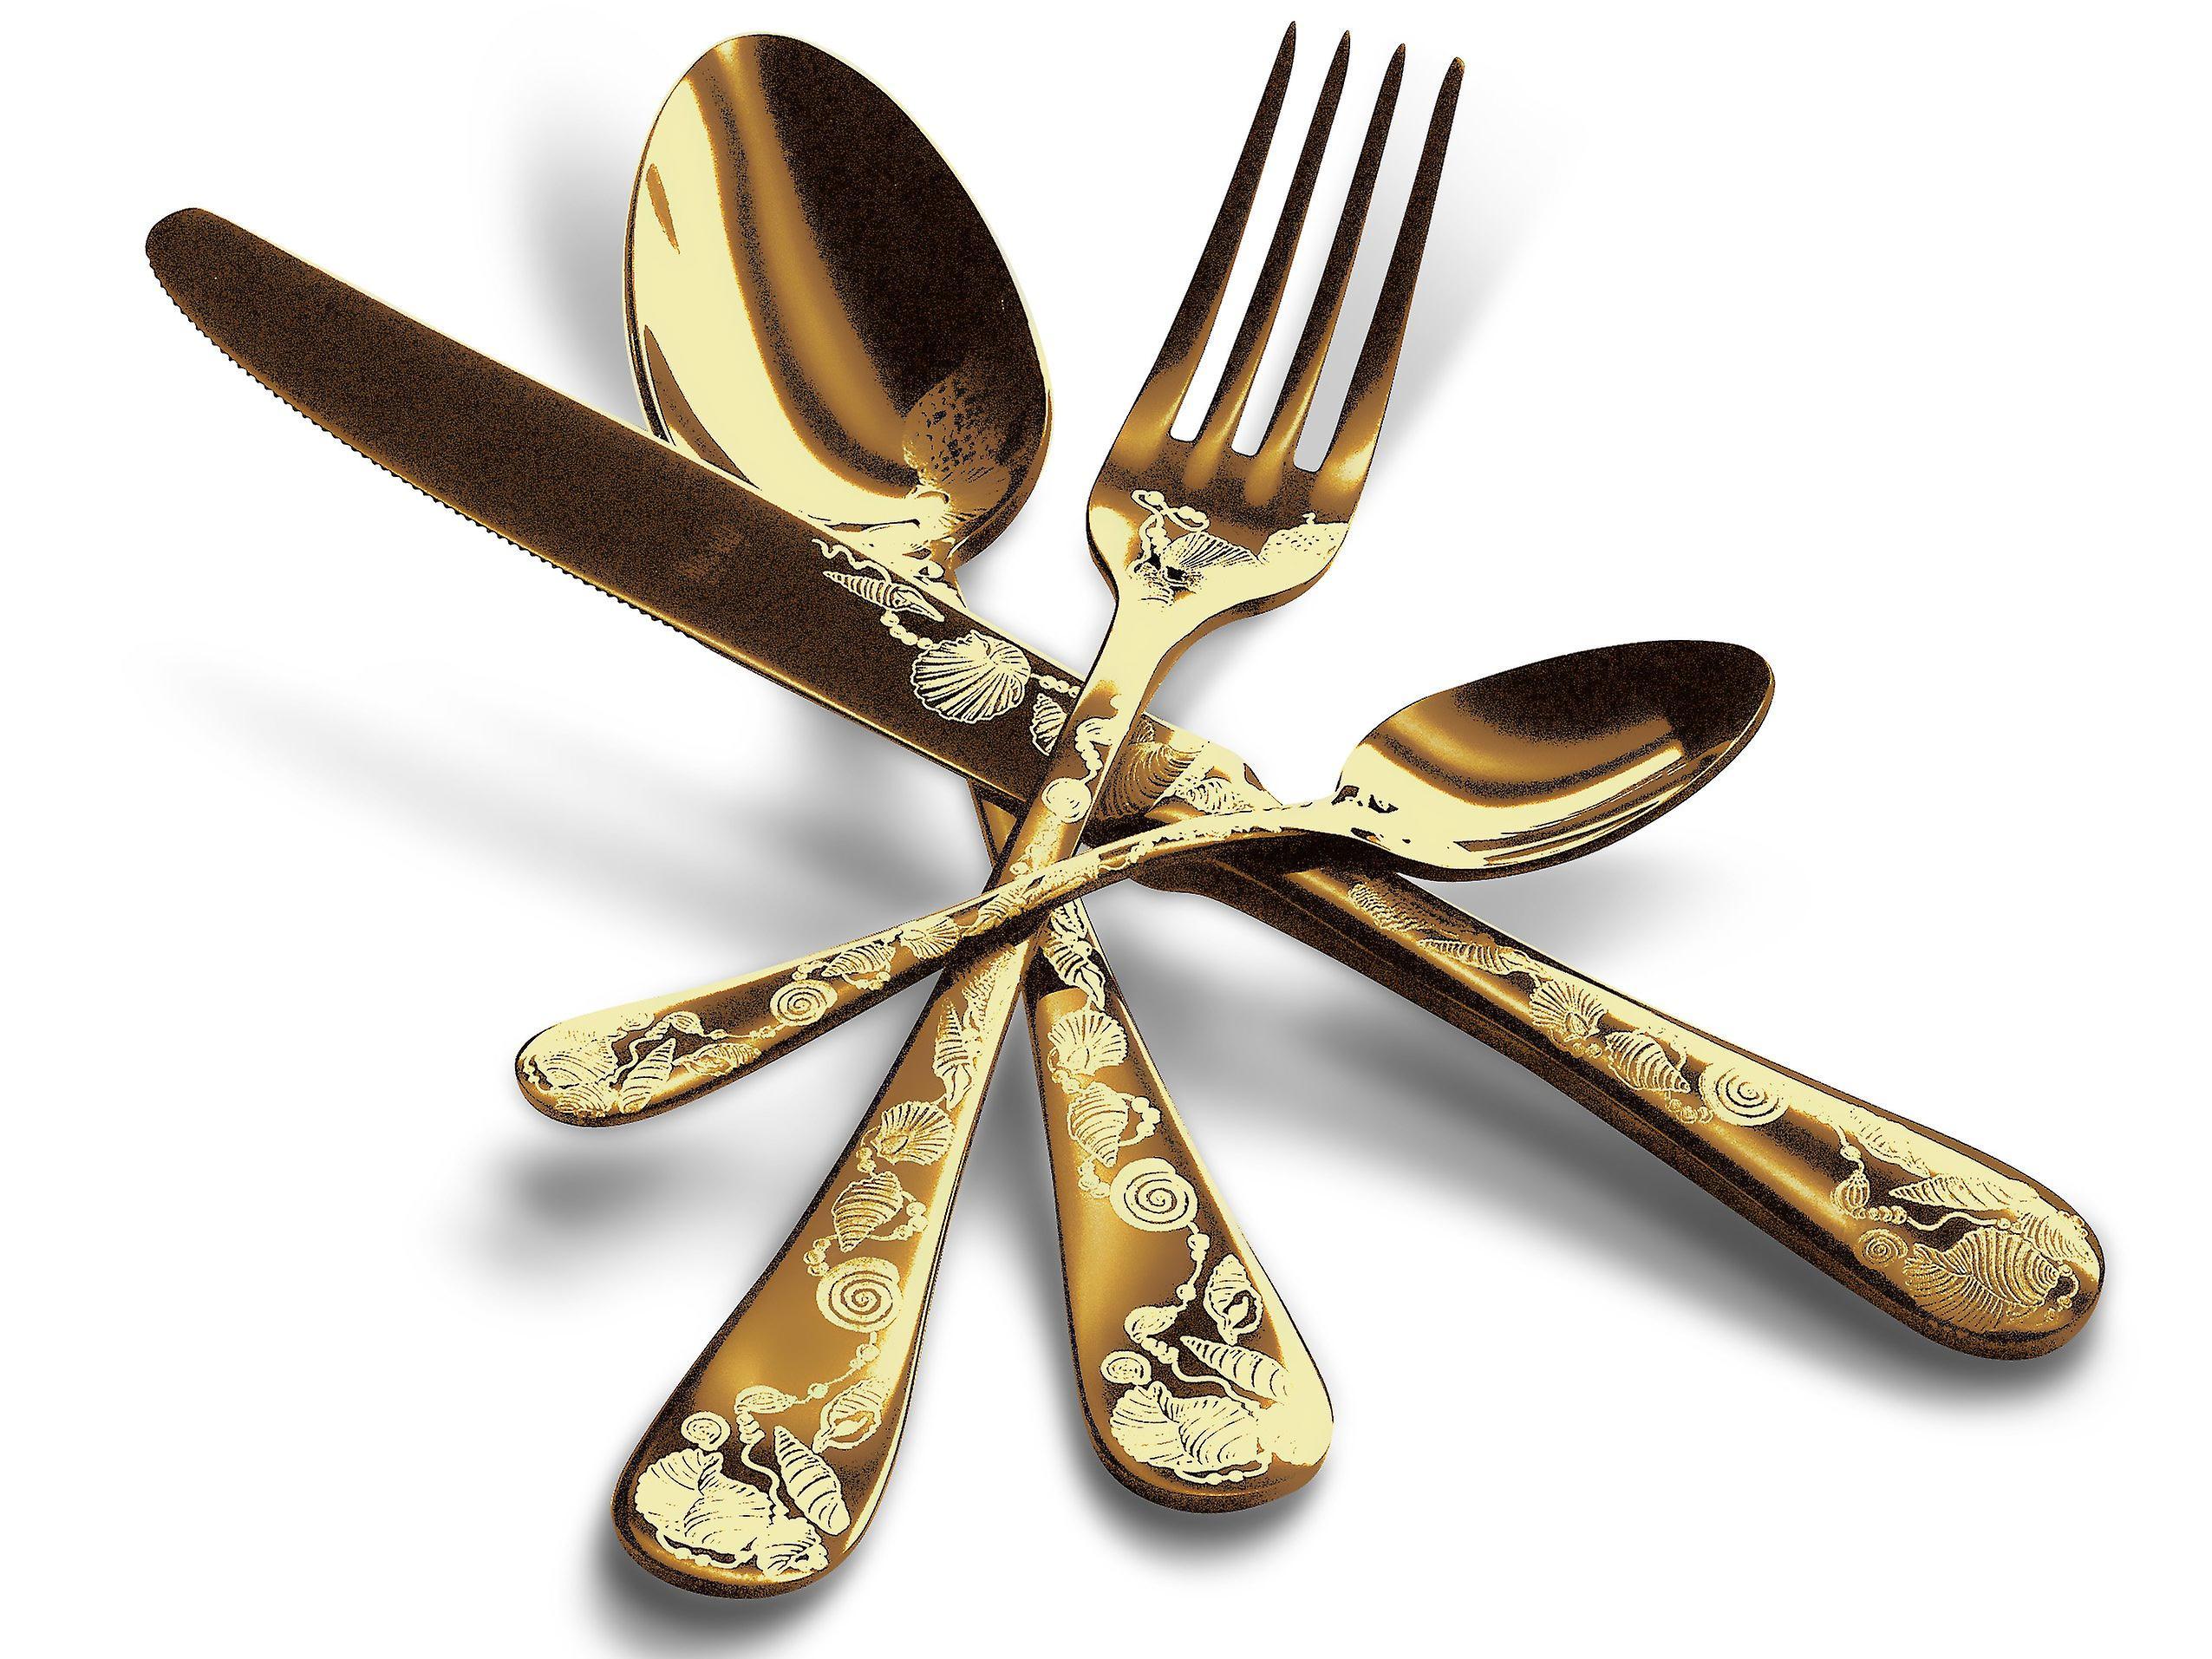 Mepra Venere Oro 24 pcs flatware set